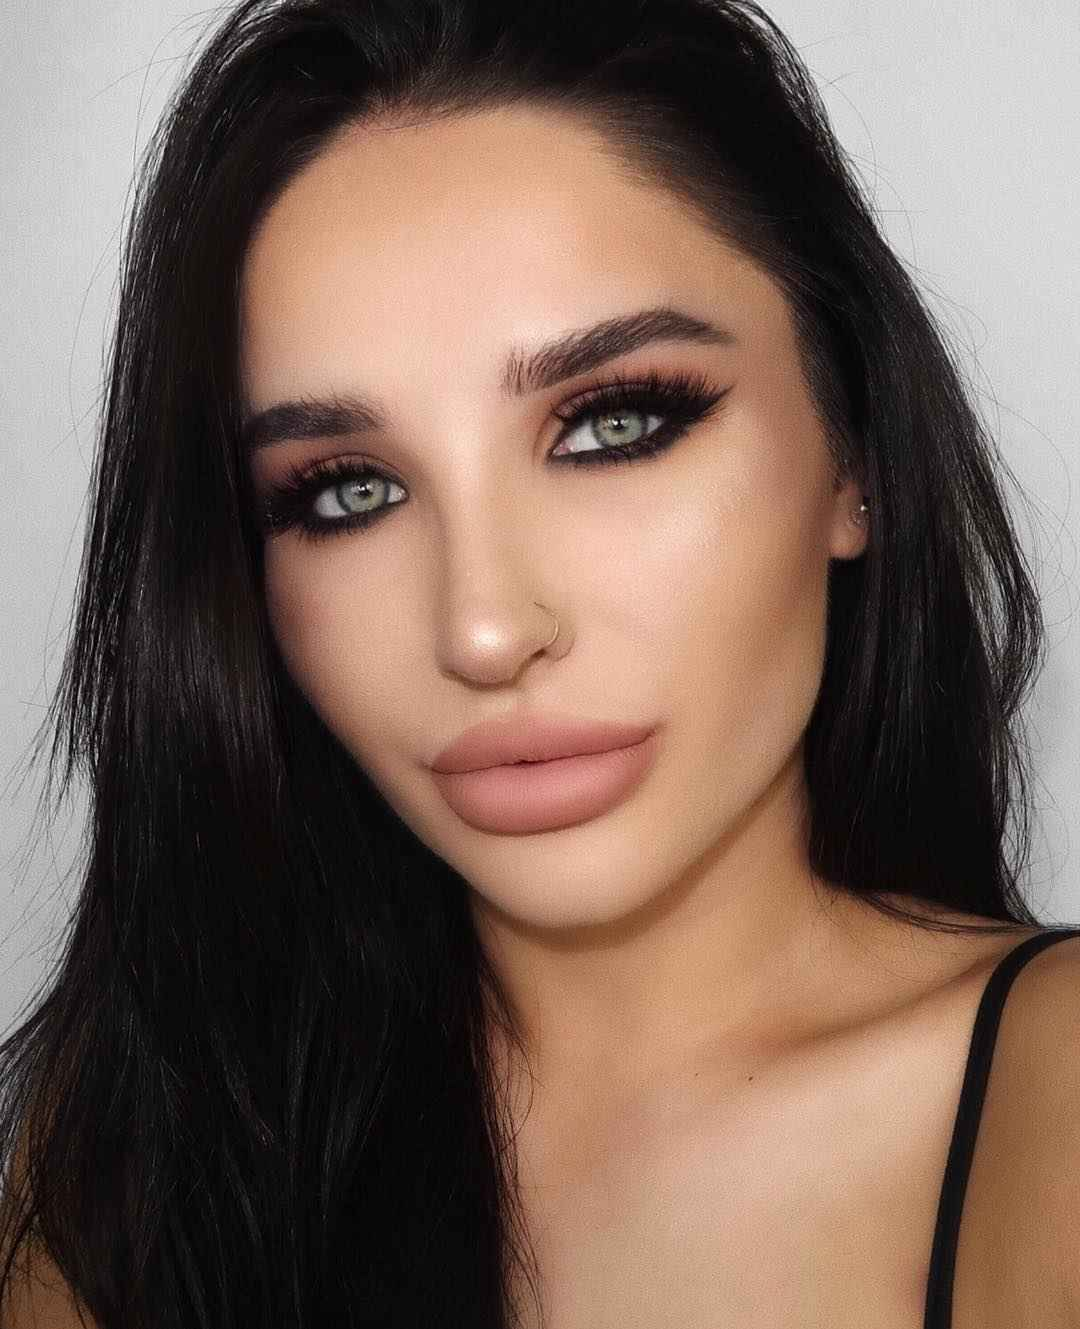 Вечерний макияж для темных волос и зеленых глаз_18